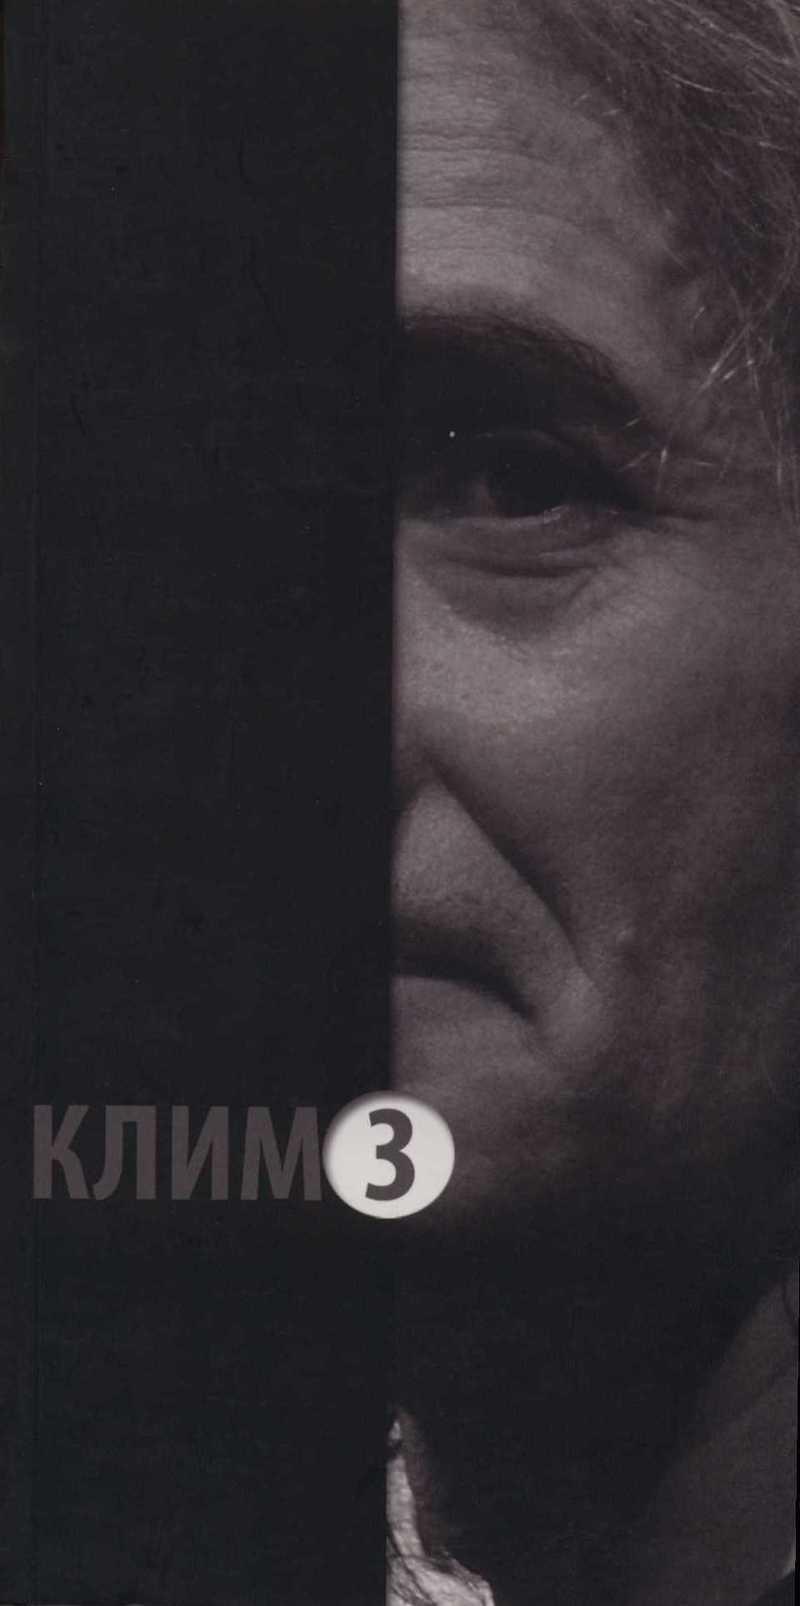 Клим. Ожидание. Том 3: Лев Николаевич Толстой— Анна Каренина